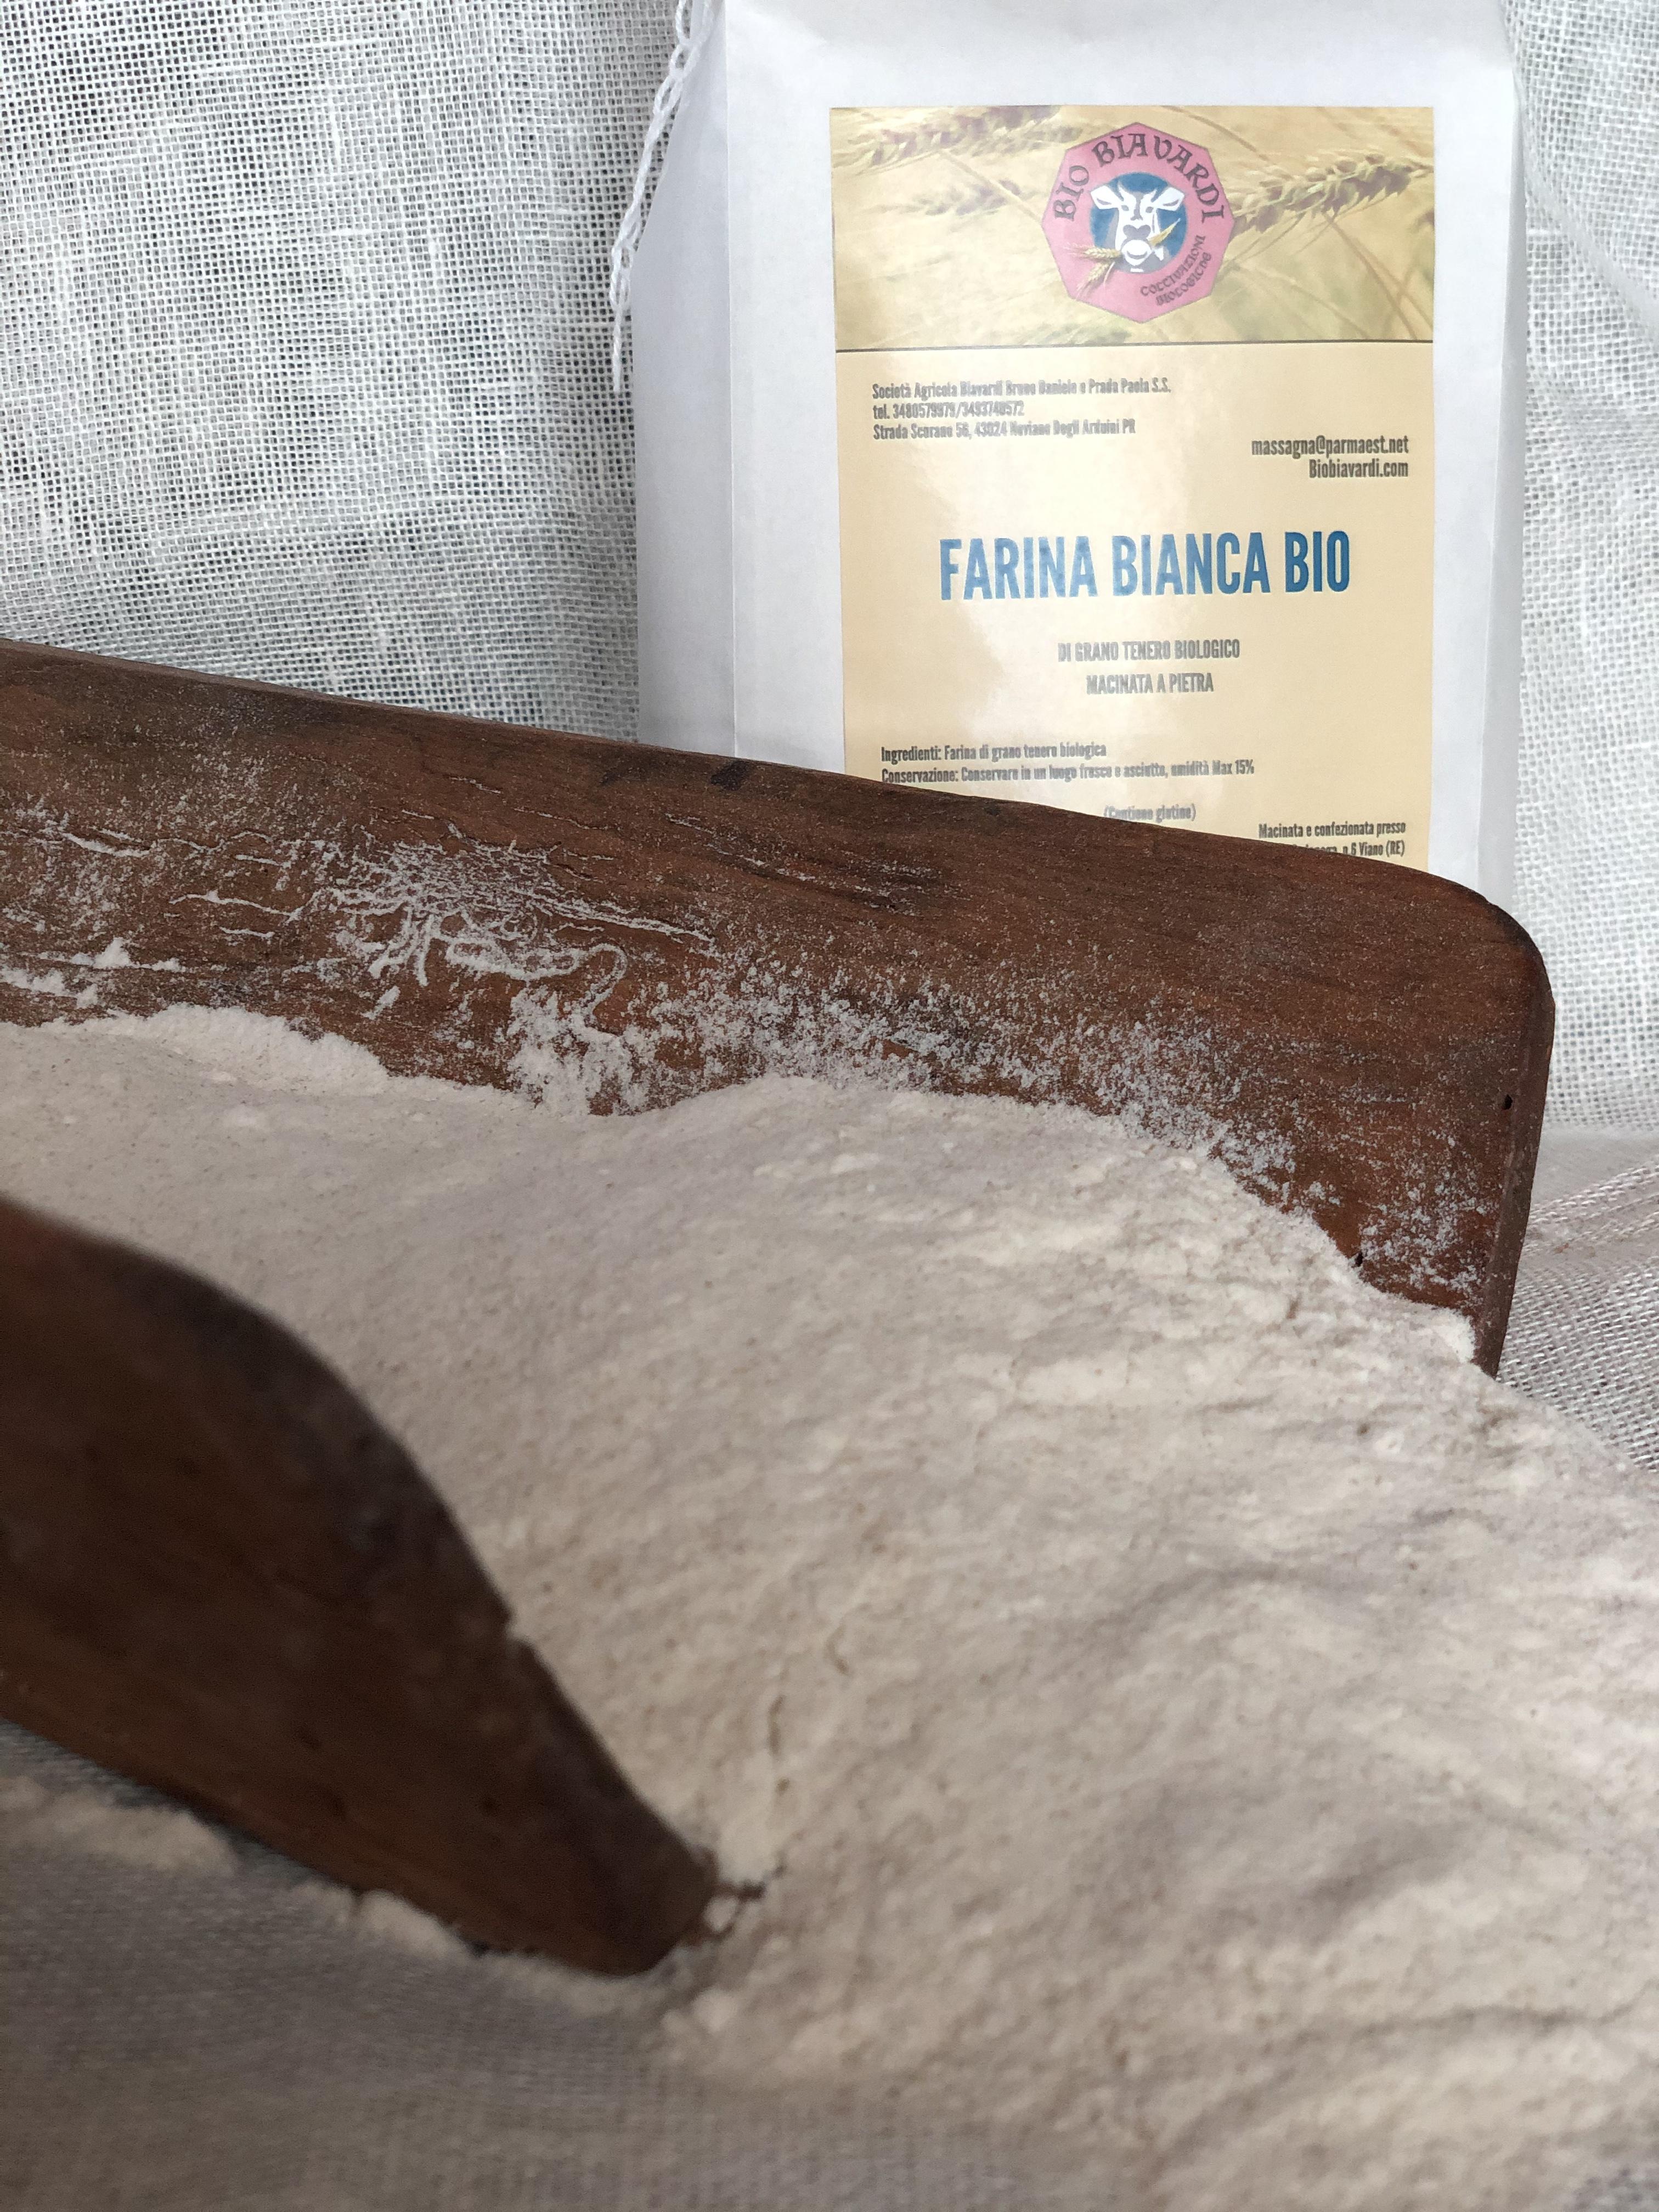 Farina Bianca BIO di grano tenero 1kg